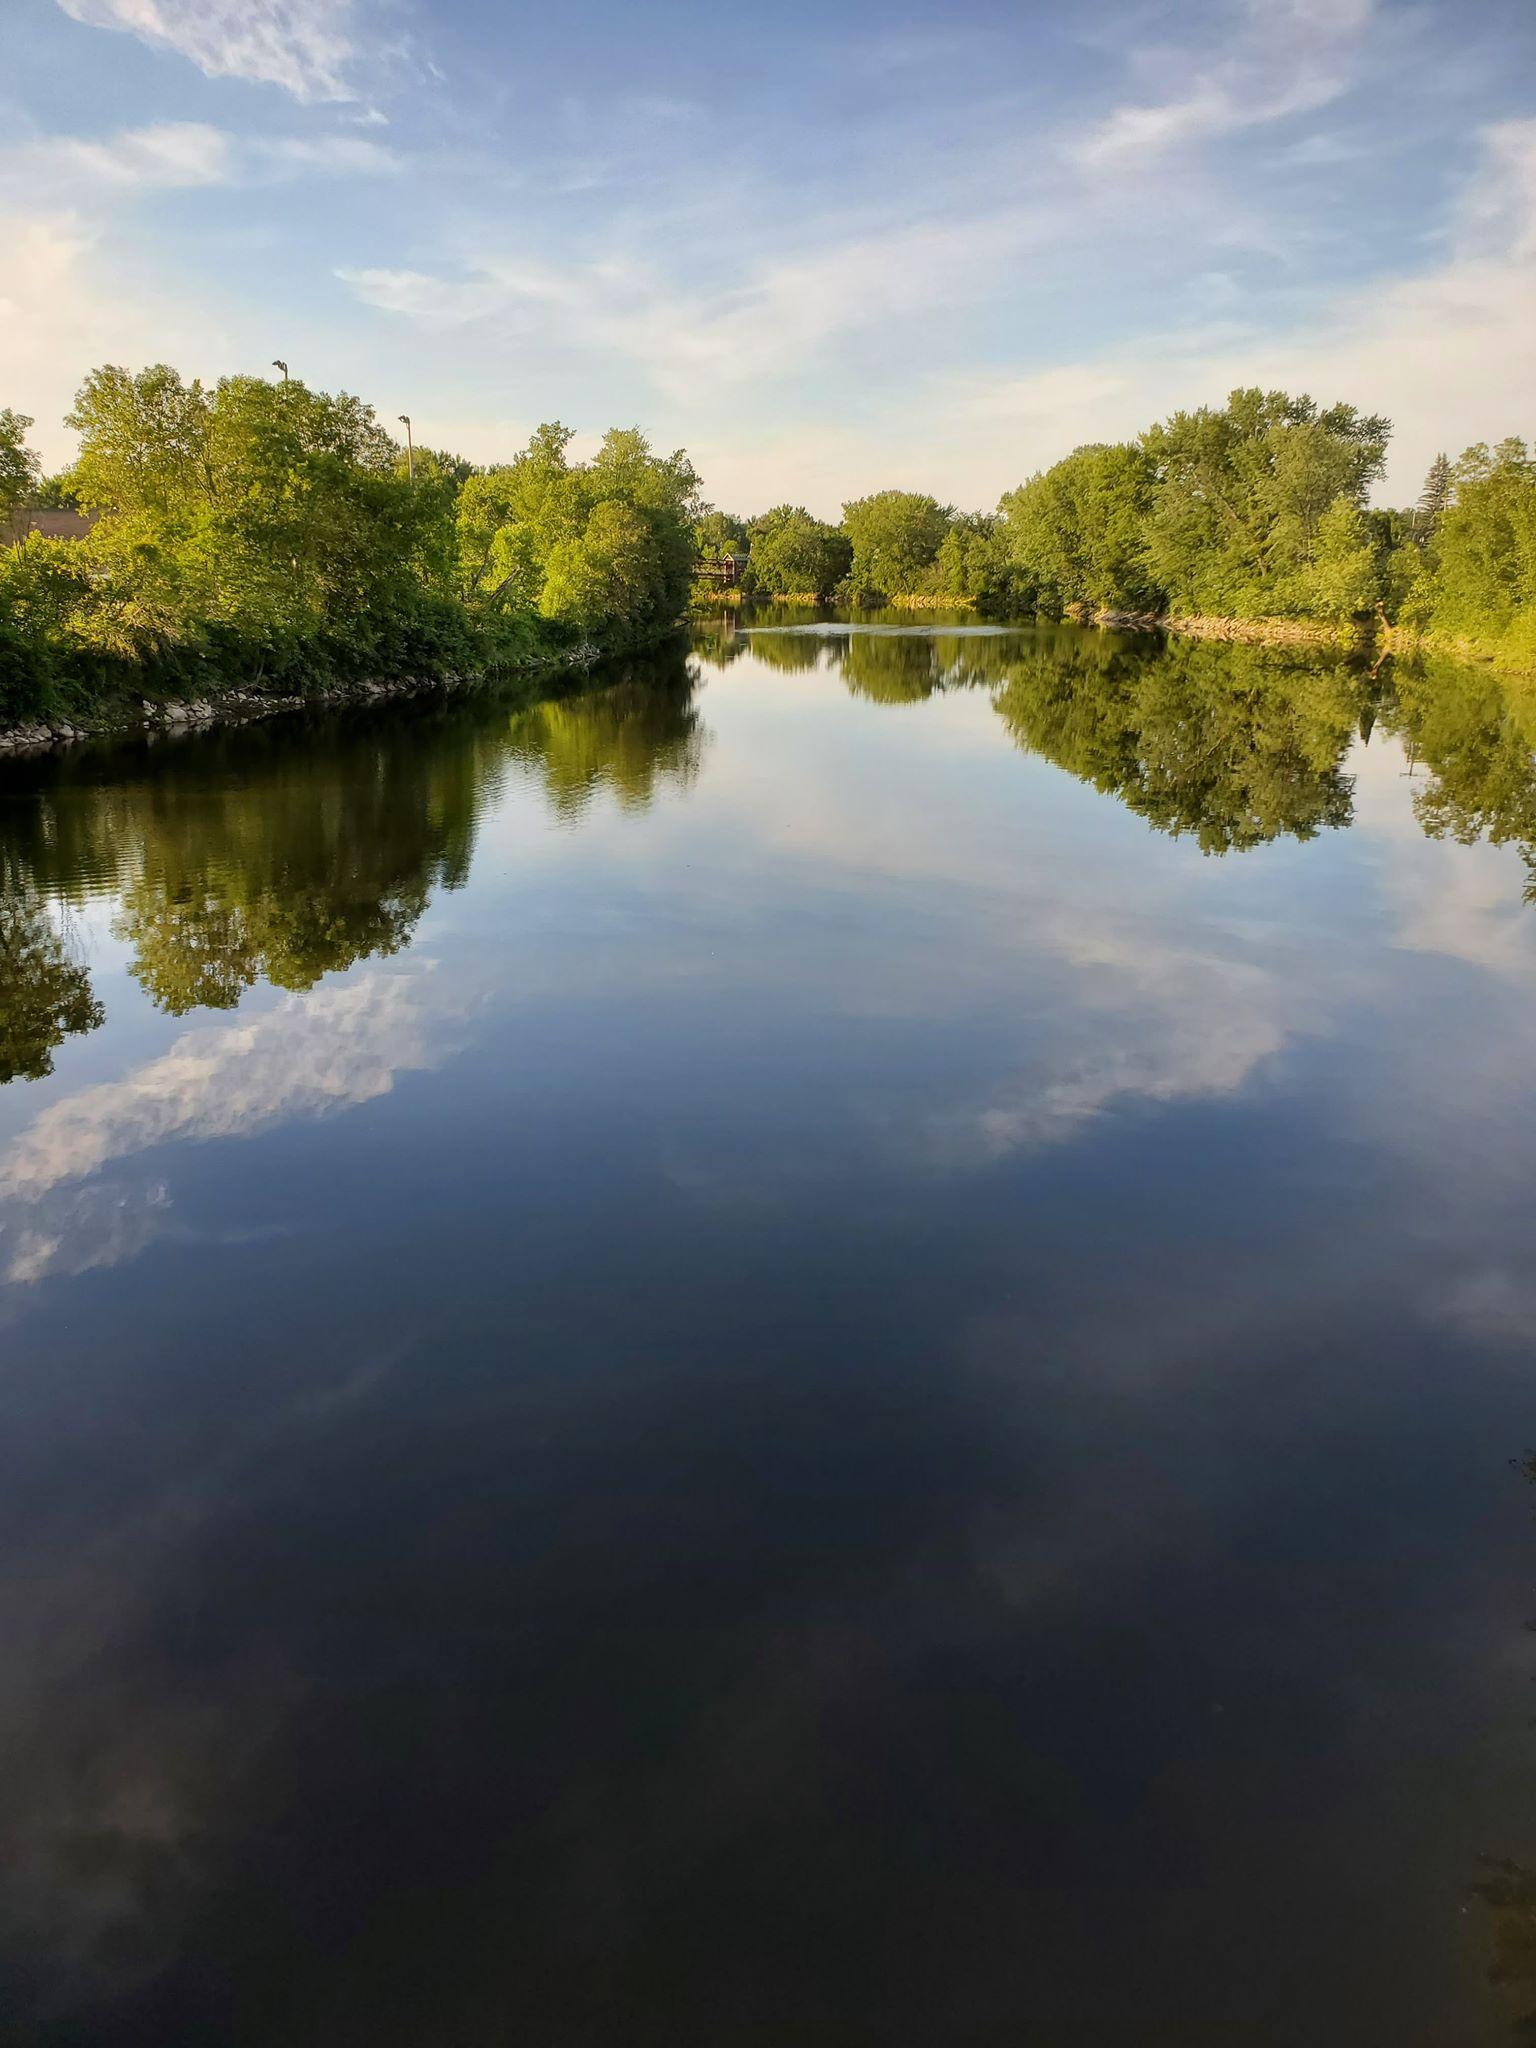 Reflets du ciel dans l'eau calme d'un lac.